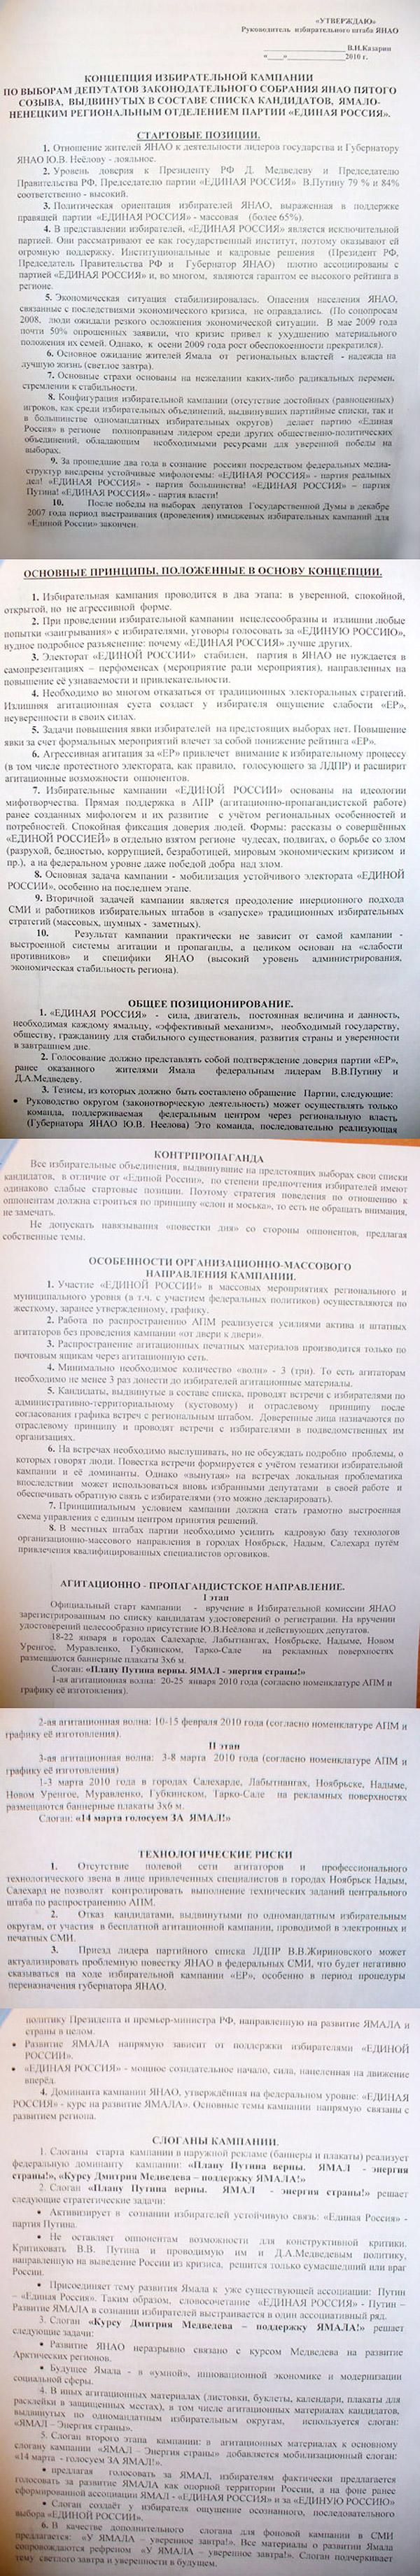 Vkontakte avatar